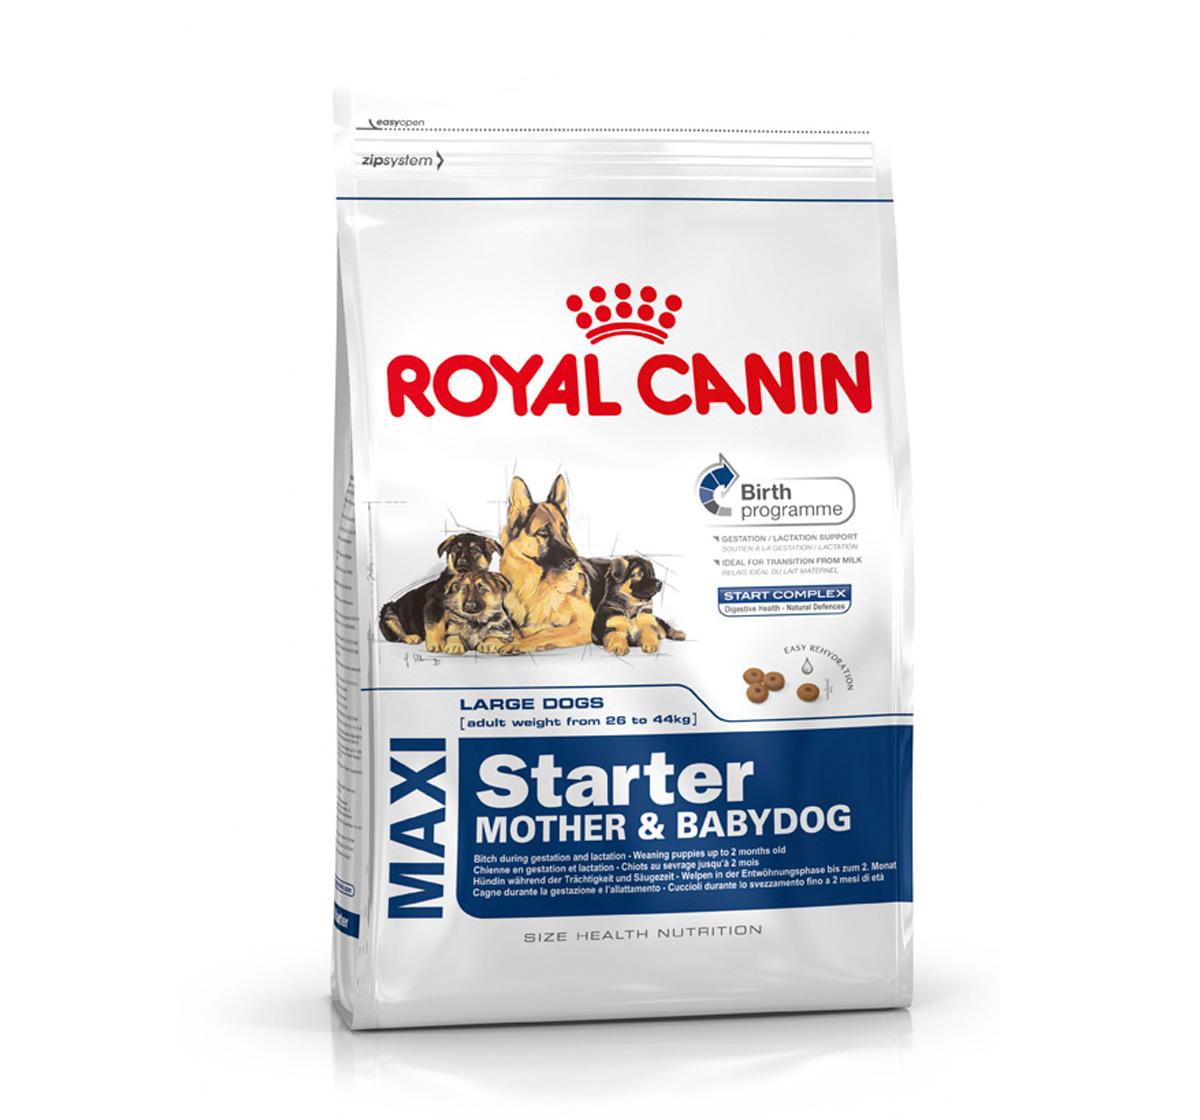 royal canin maxi starter 15 kg dogspot online pet supply store. Black Bedroom Furniture Sets. Home Design Ideas